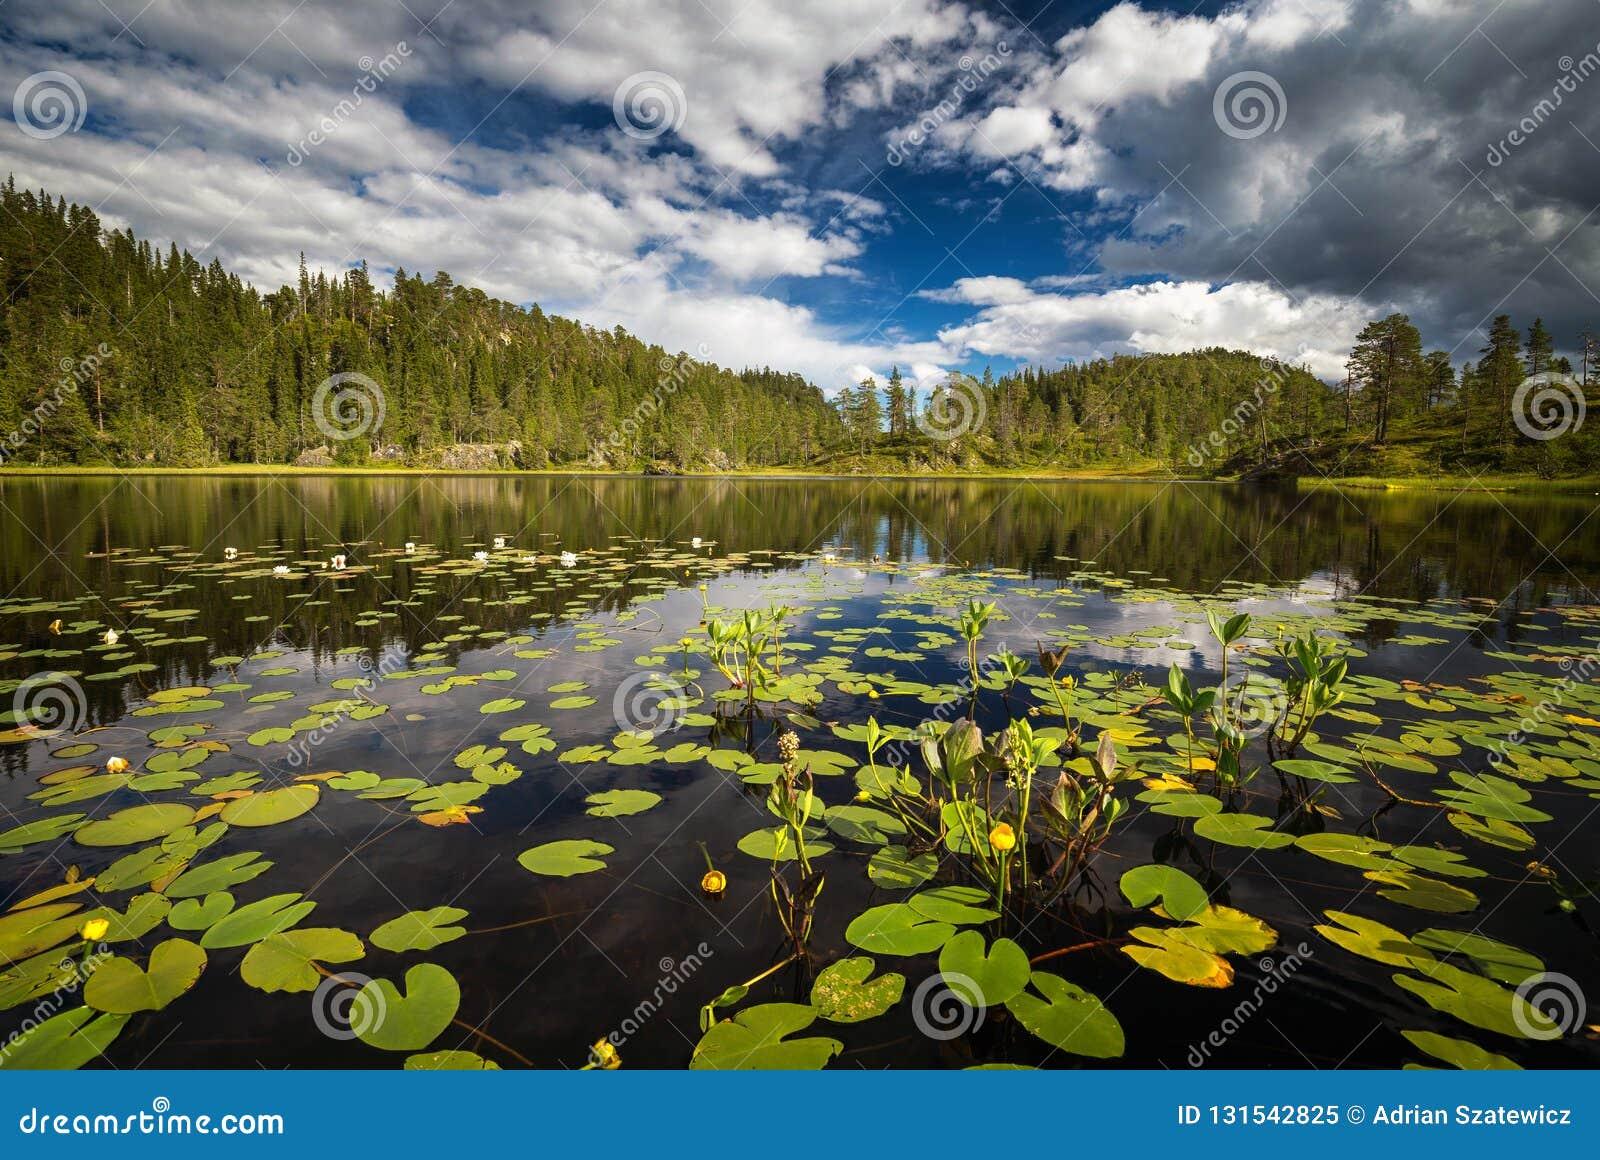 Zomervegetatie op het kleine bergmeer dichtbij Jervskogen, Jonsvatnet-gebied in middennoorwegen